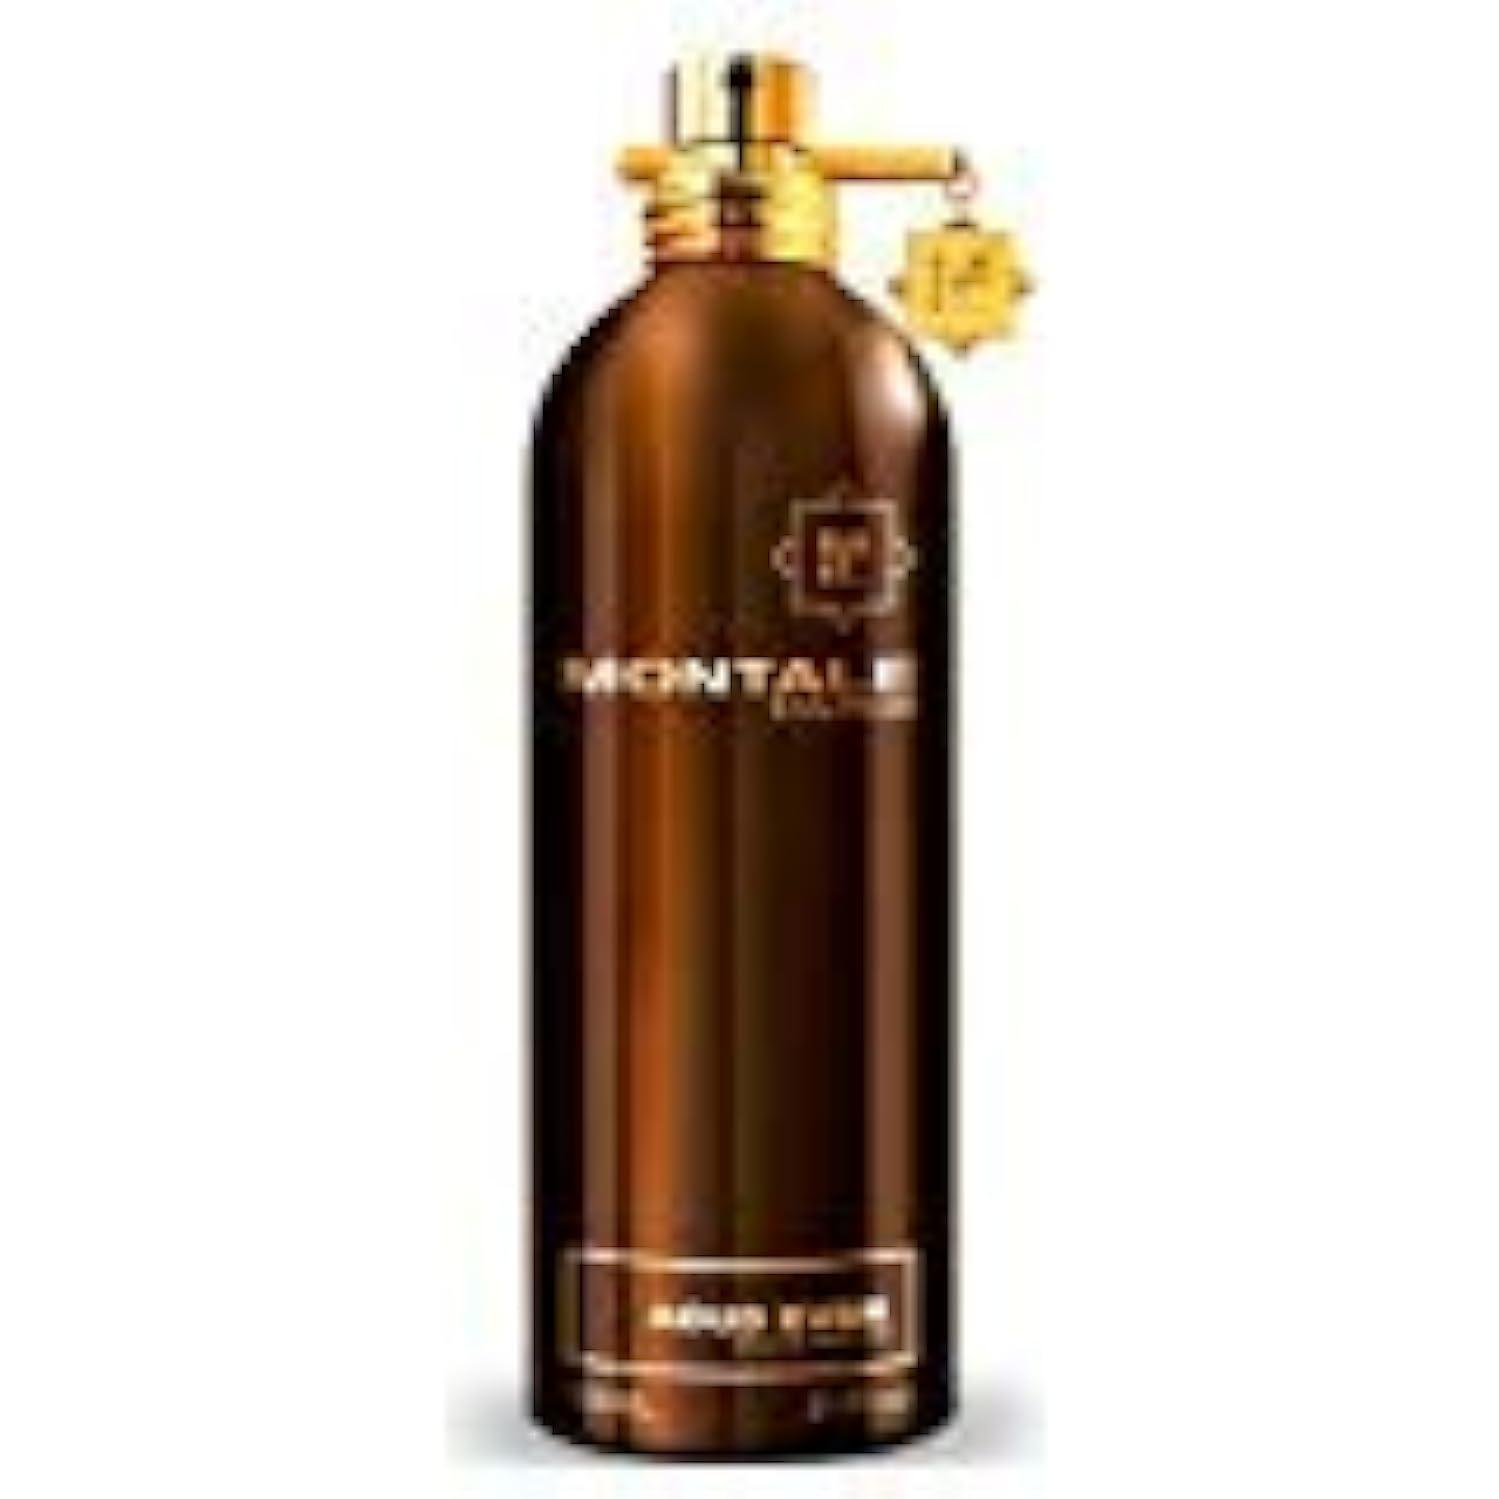 売り手被害者ましいMONTALE AOUD EVER Eau de Perfume 100ml Made in France 100% 本物モンターレ アラブまでオー ? デ ?香水 100 ml フランス製 +2サンプル無料! + 30 mlスキンケア無料!